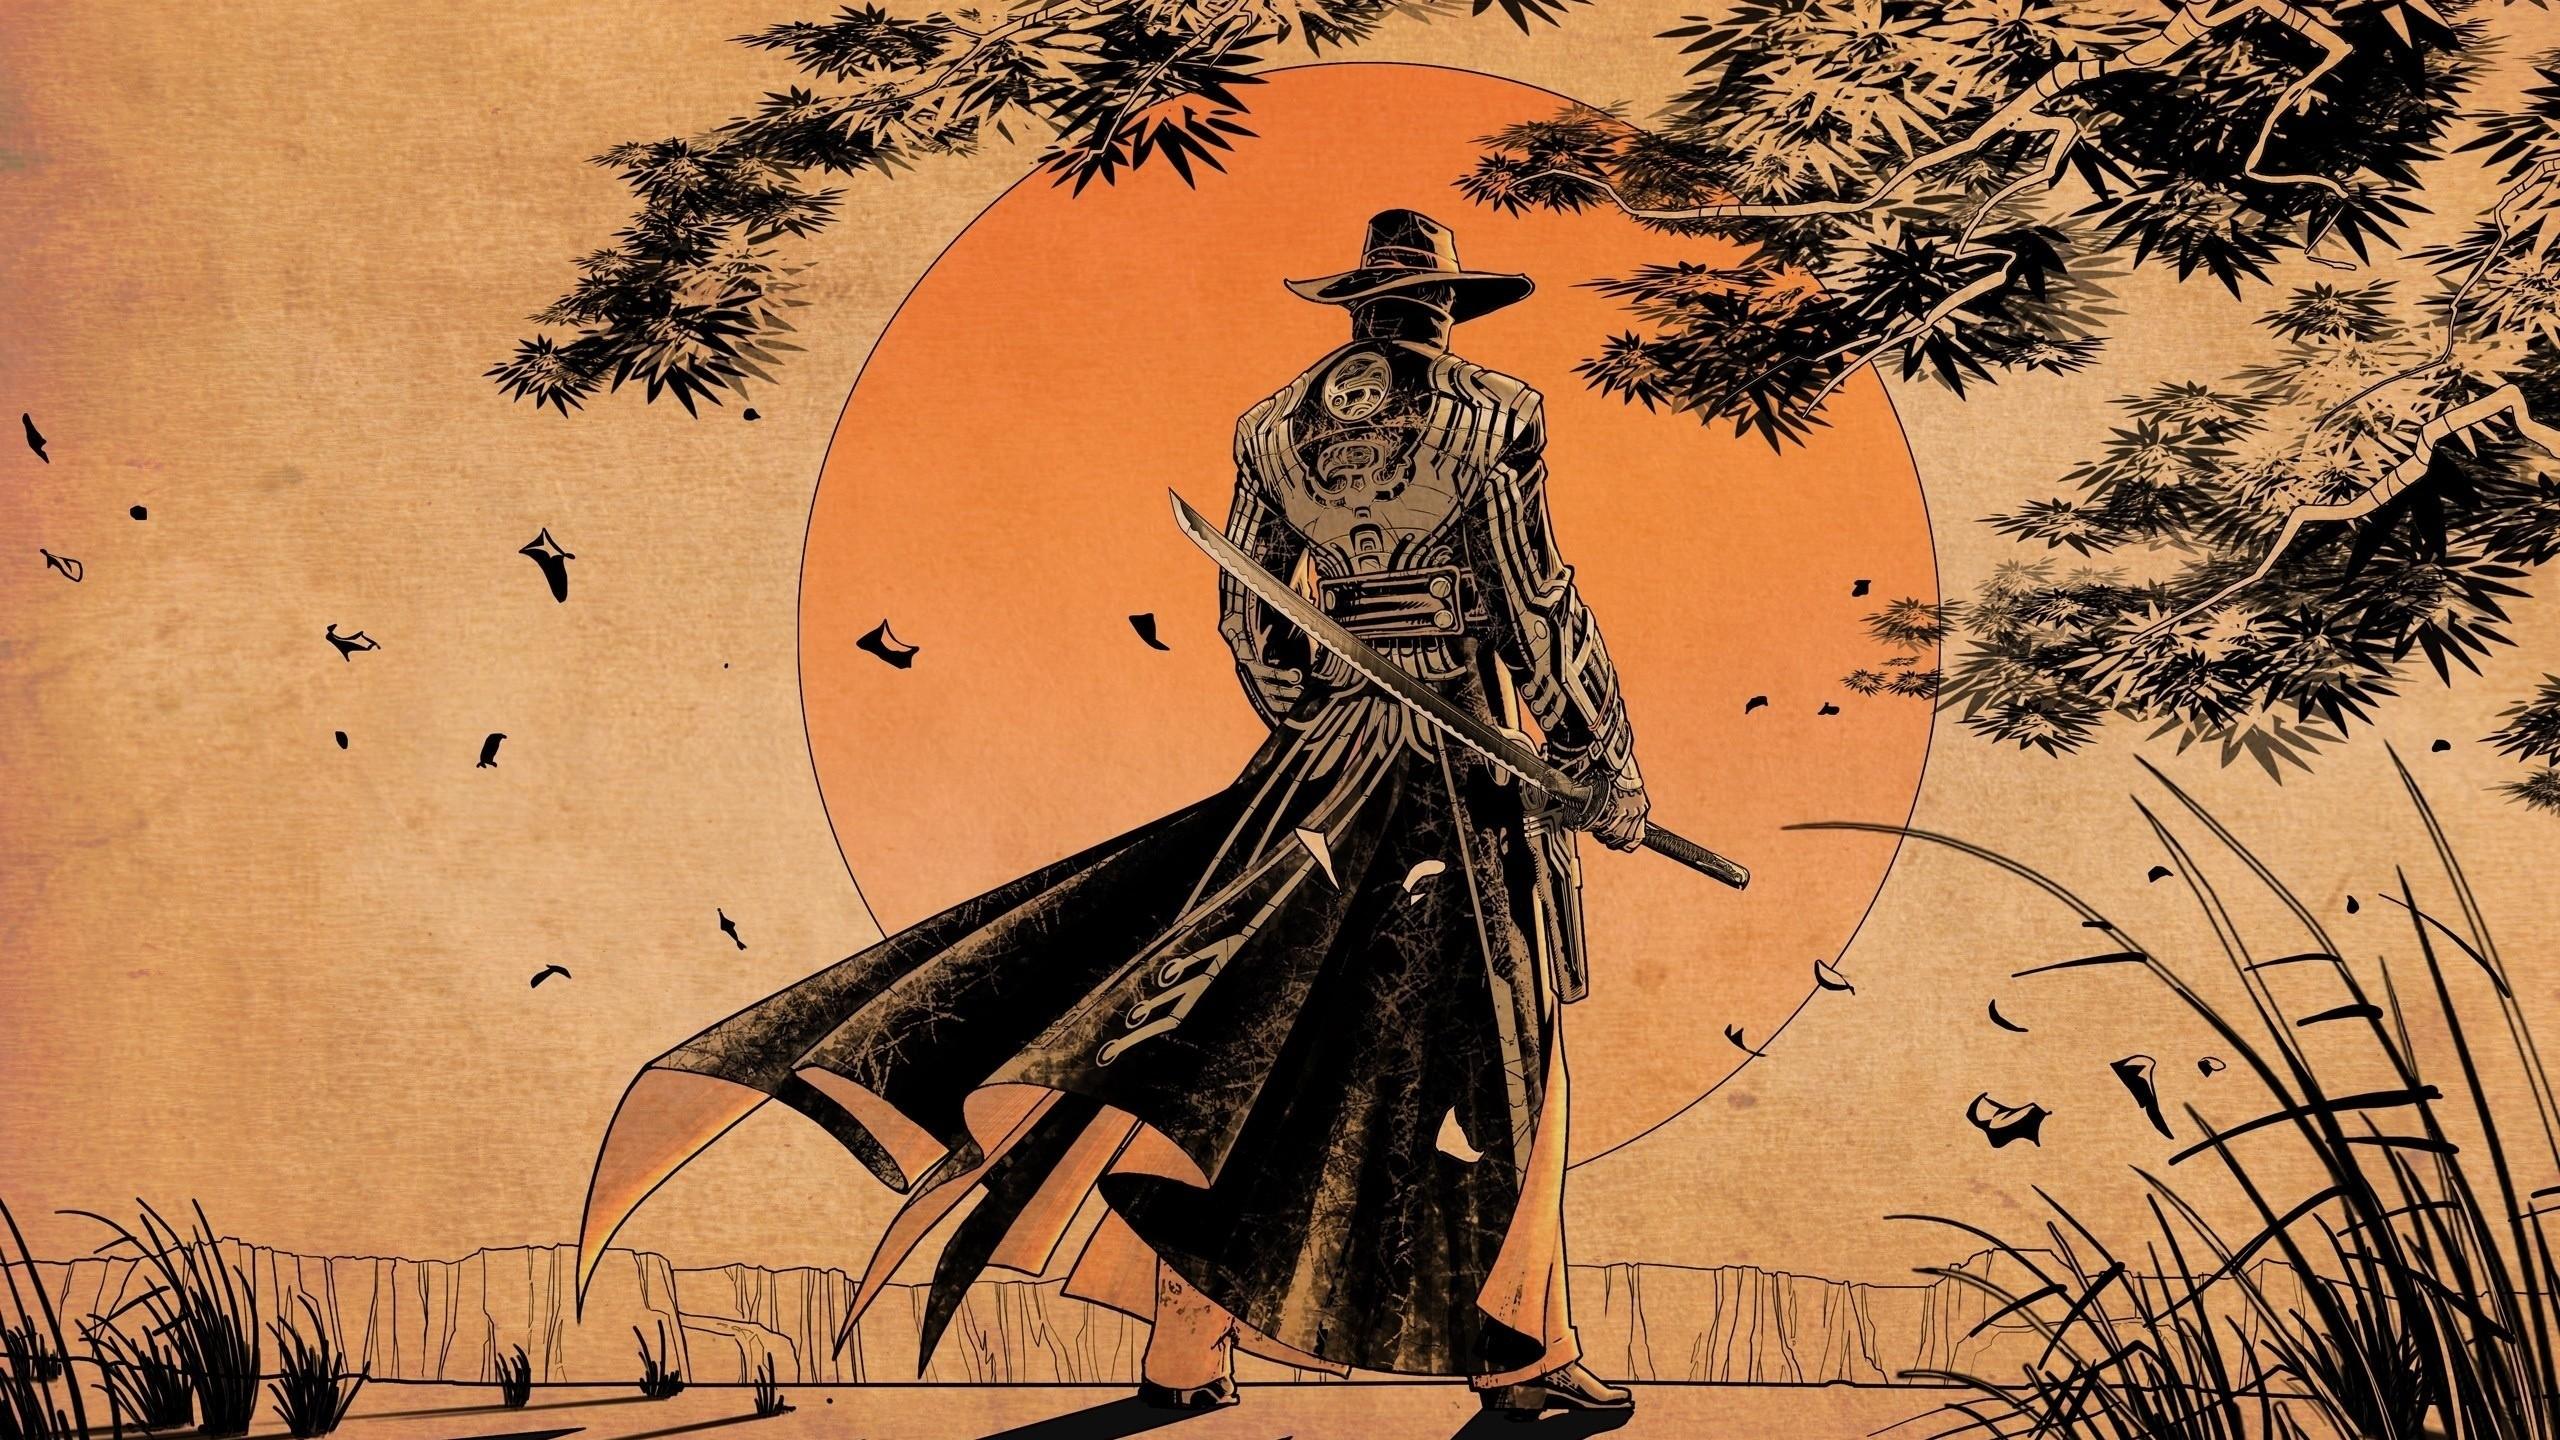 Res: 2560x1440, samurai.jpg